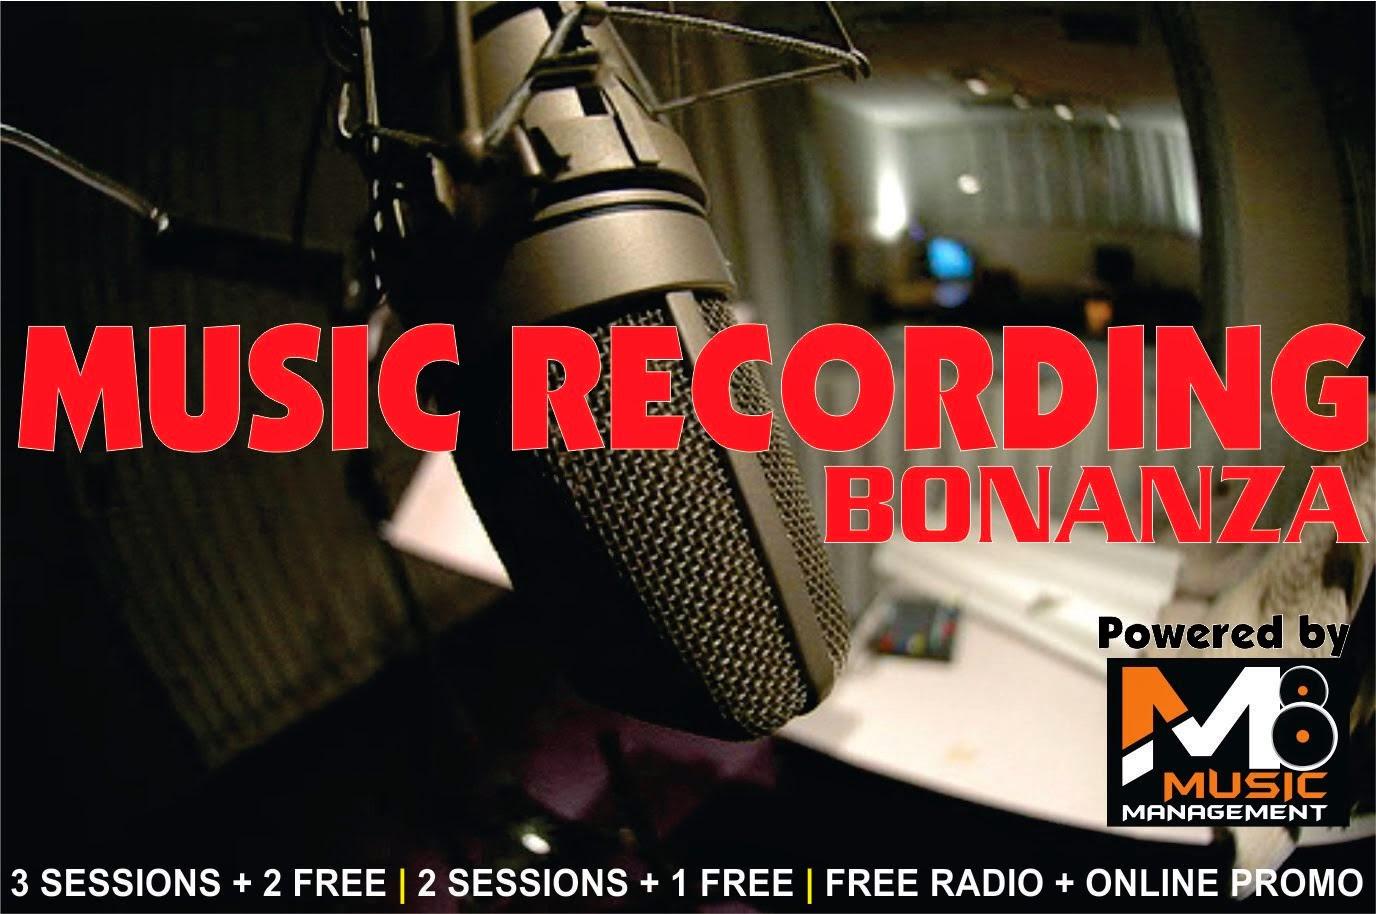 Music Recording Promo